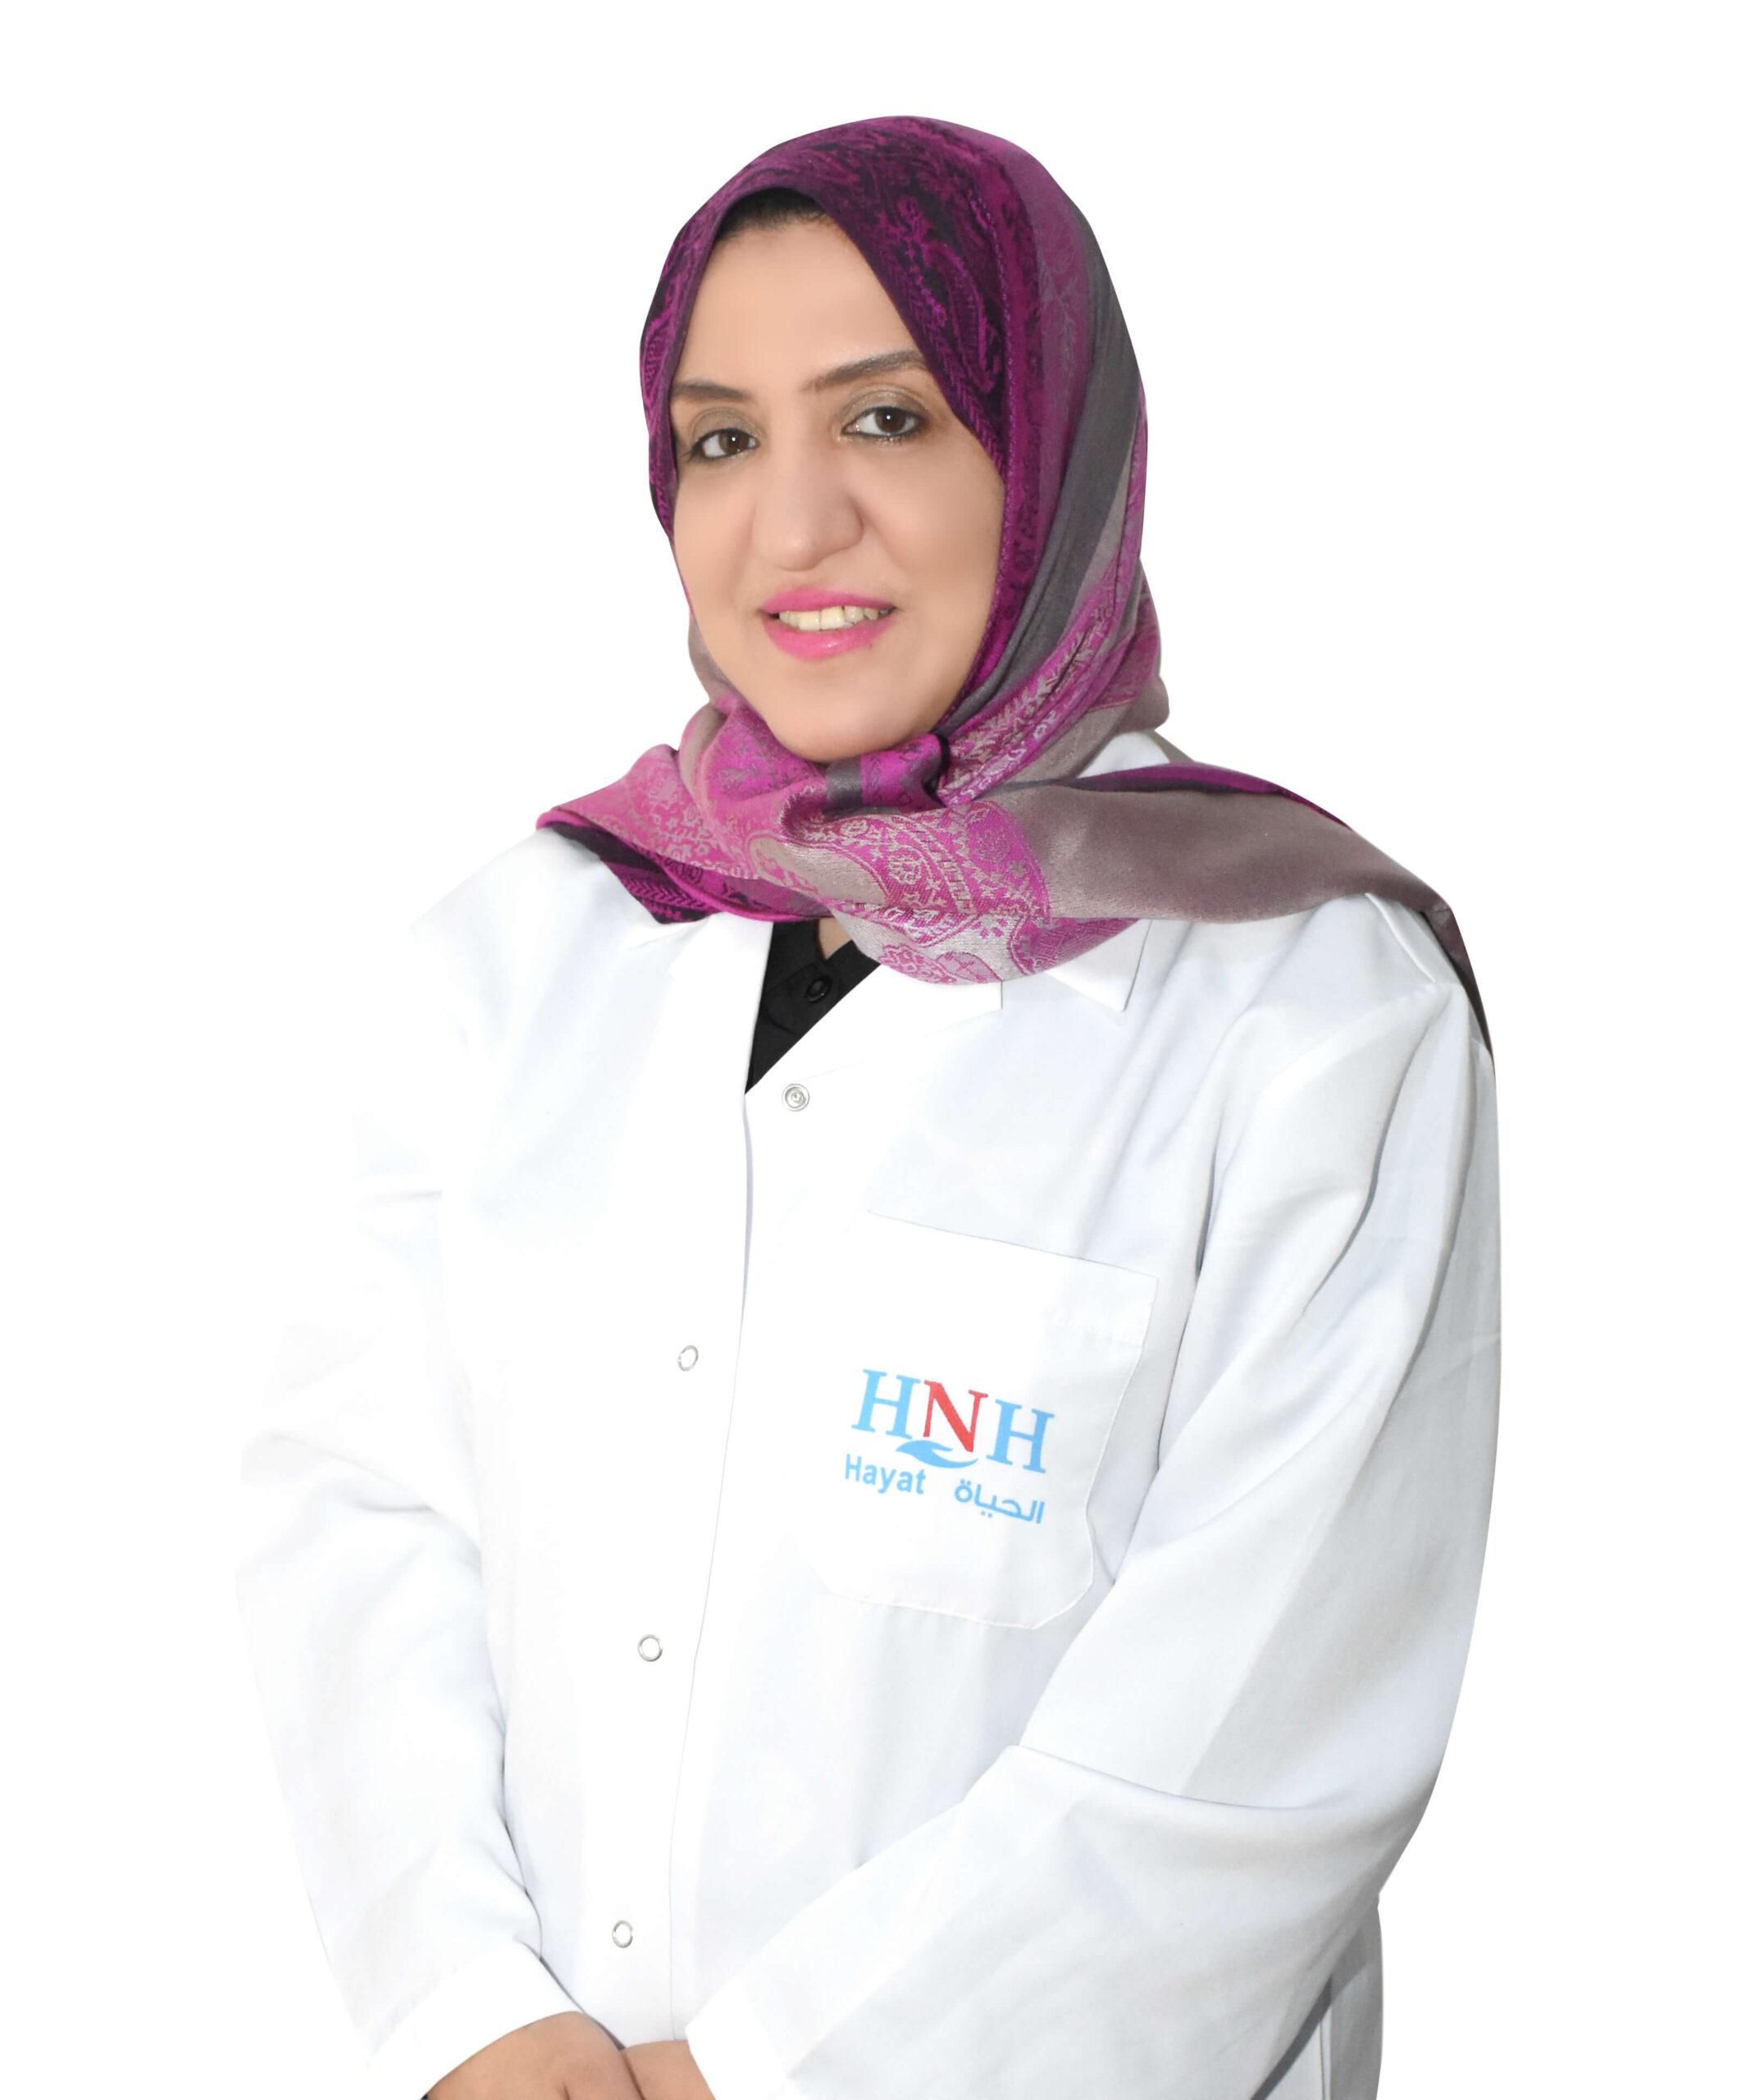 الدكتور - شيماء صالح | طب الاطفال وحديثي الولادة | مستشفى الحياة الوطني |جازان